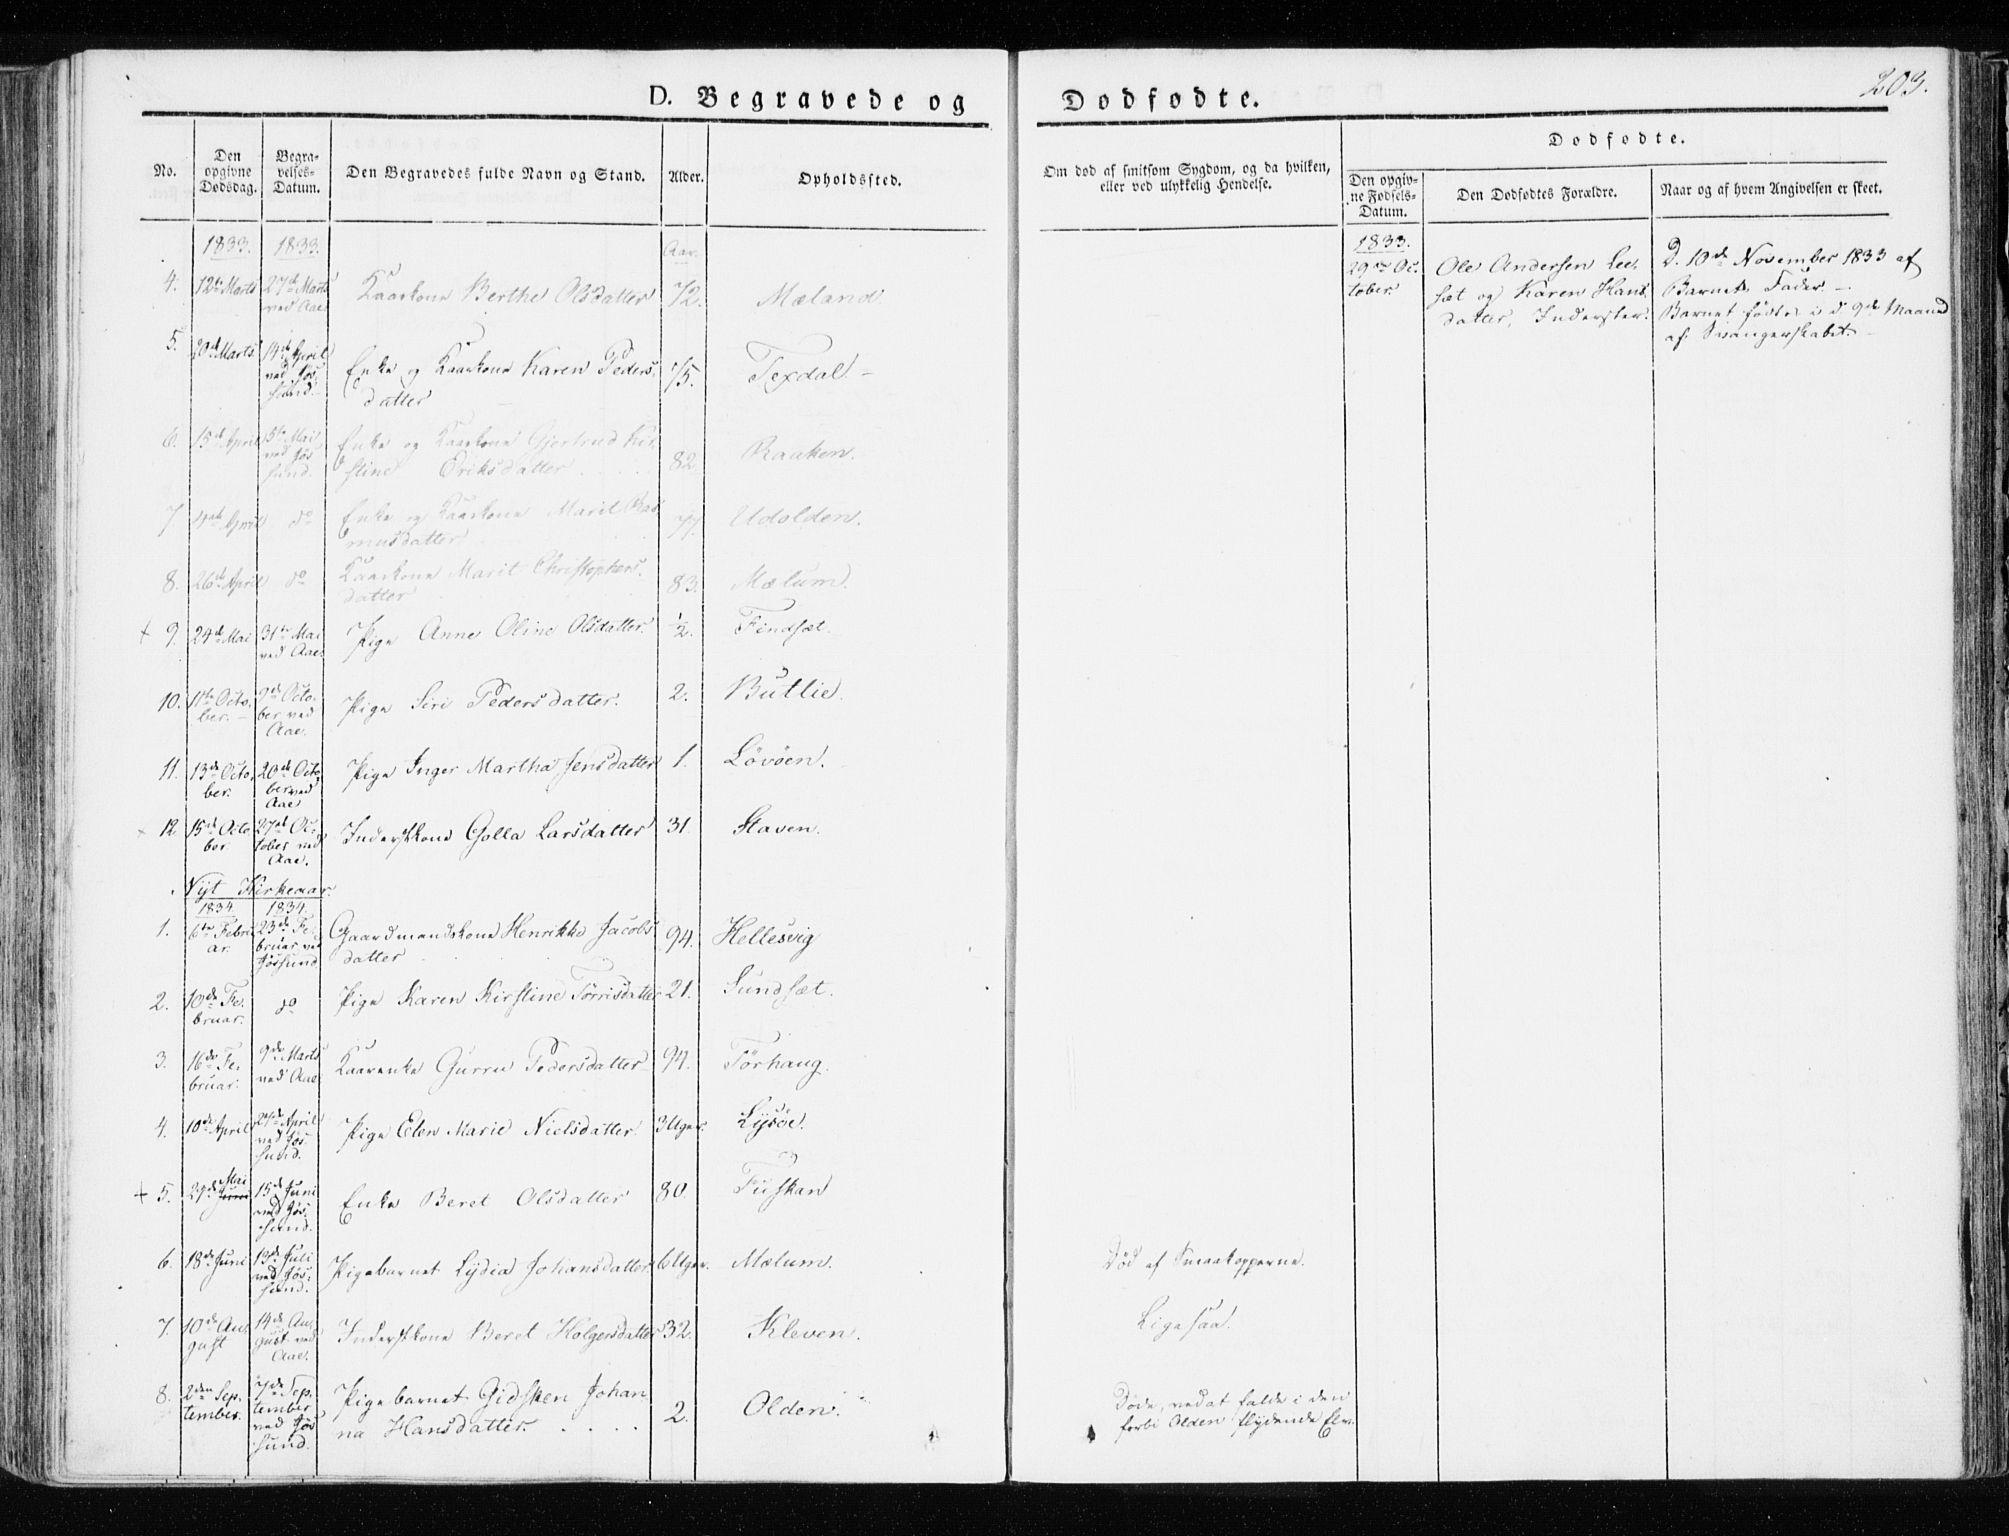 SAT, Ministerialprotokoller, klokkerbøker og fødselsregistre - Sør-Trøndelag, 655/L0676: Ministerialbok nr. 655A05, 1830-1847, s. 203